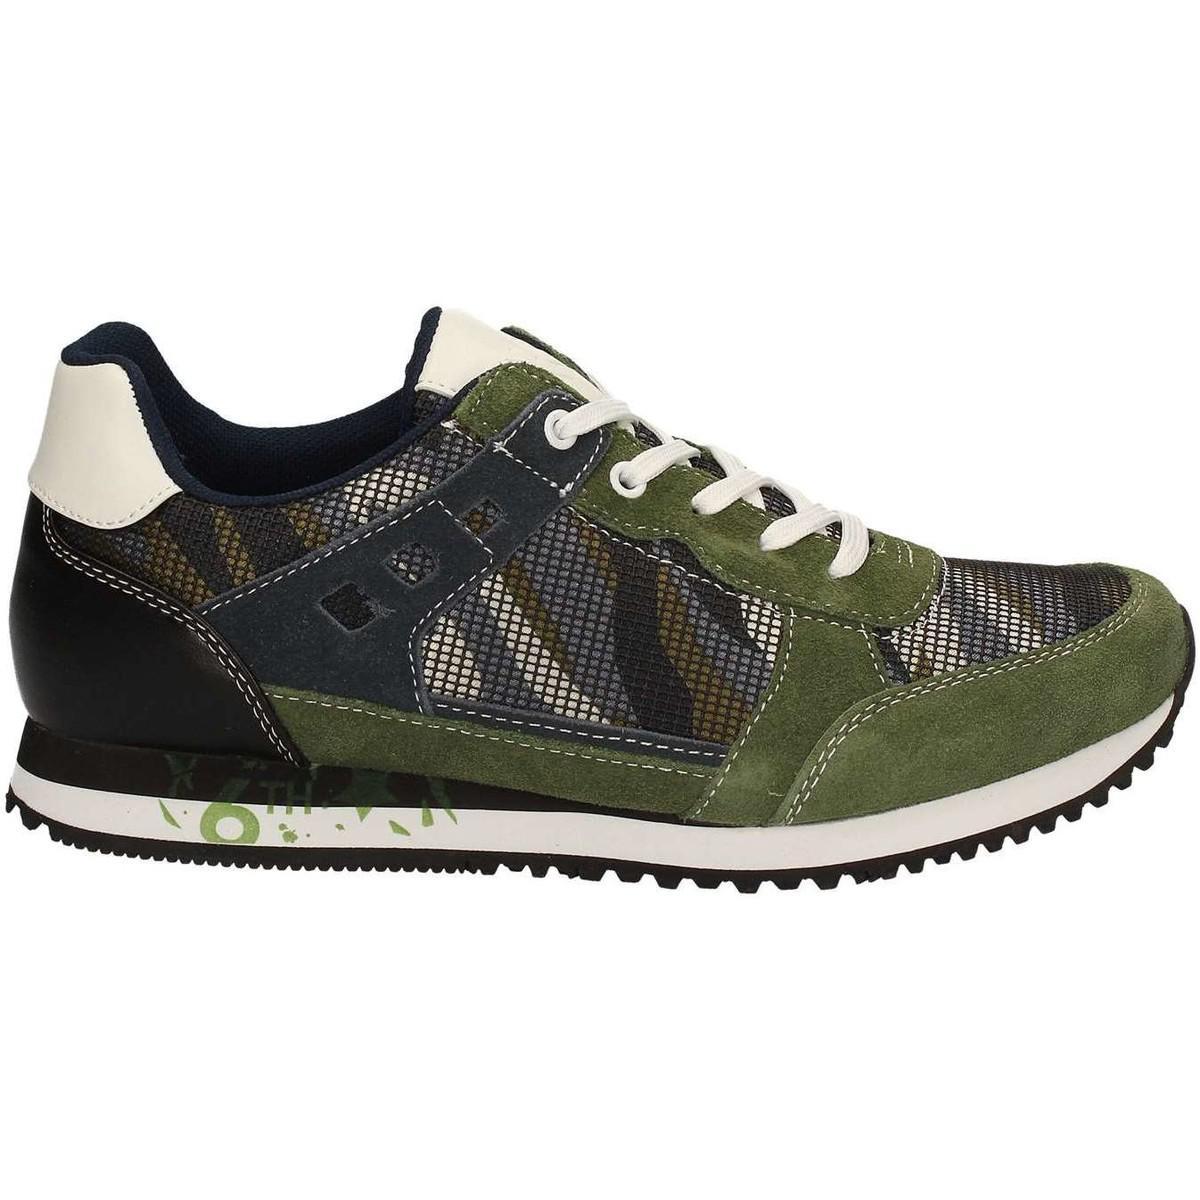 Gaudi V71-65103 Sneakers Man Verde Men s Shoes (trainers) In Green ... 64c0ef428de